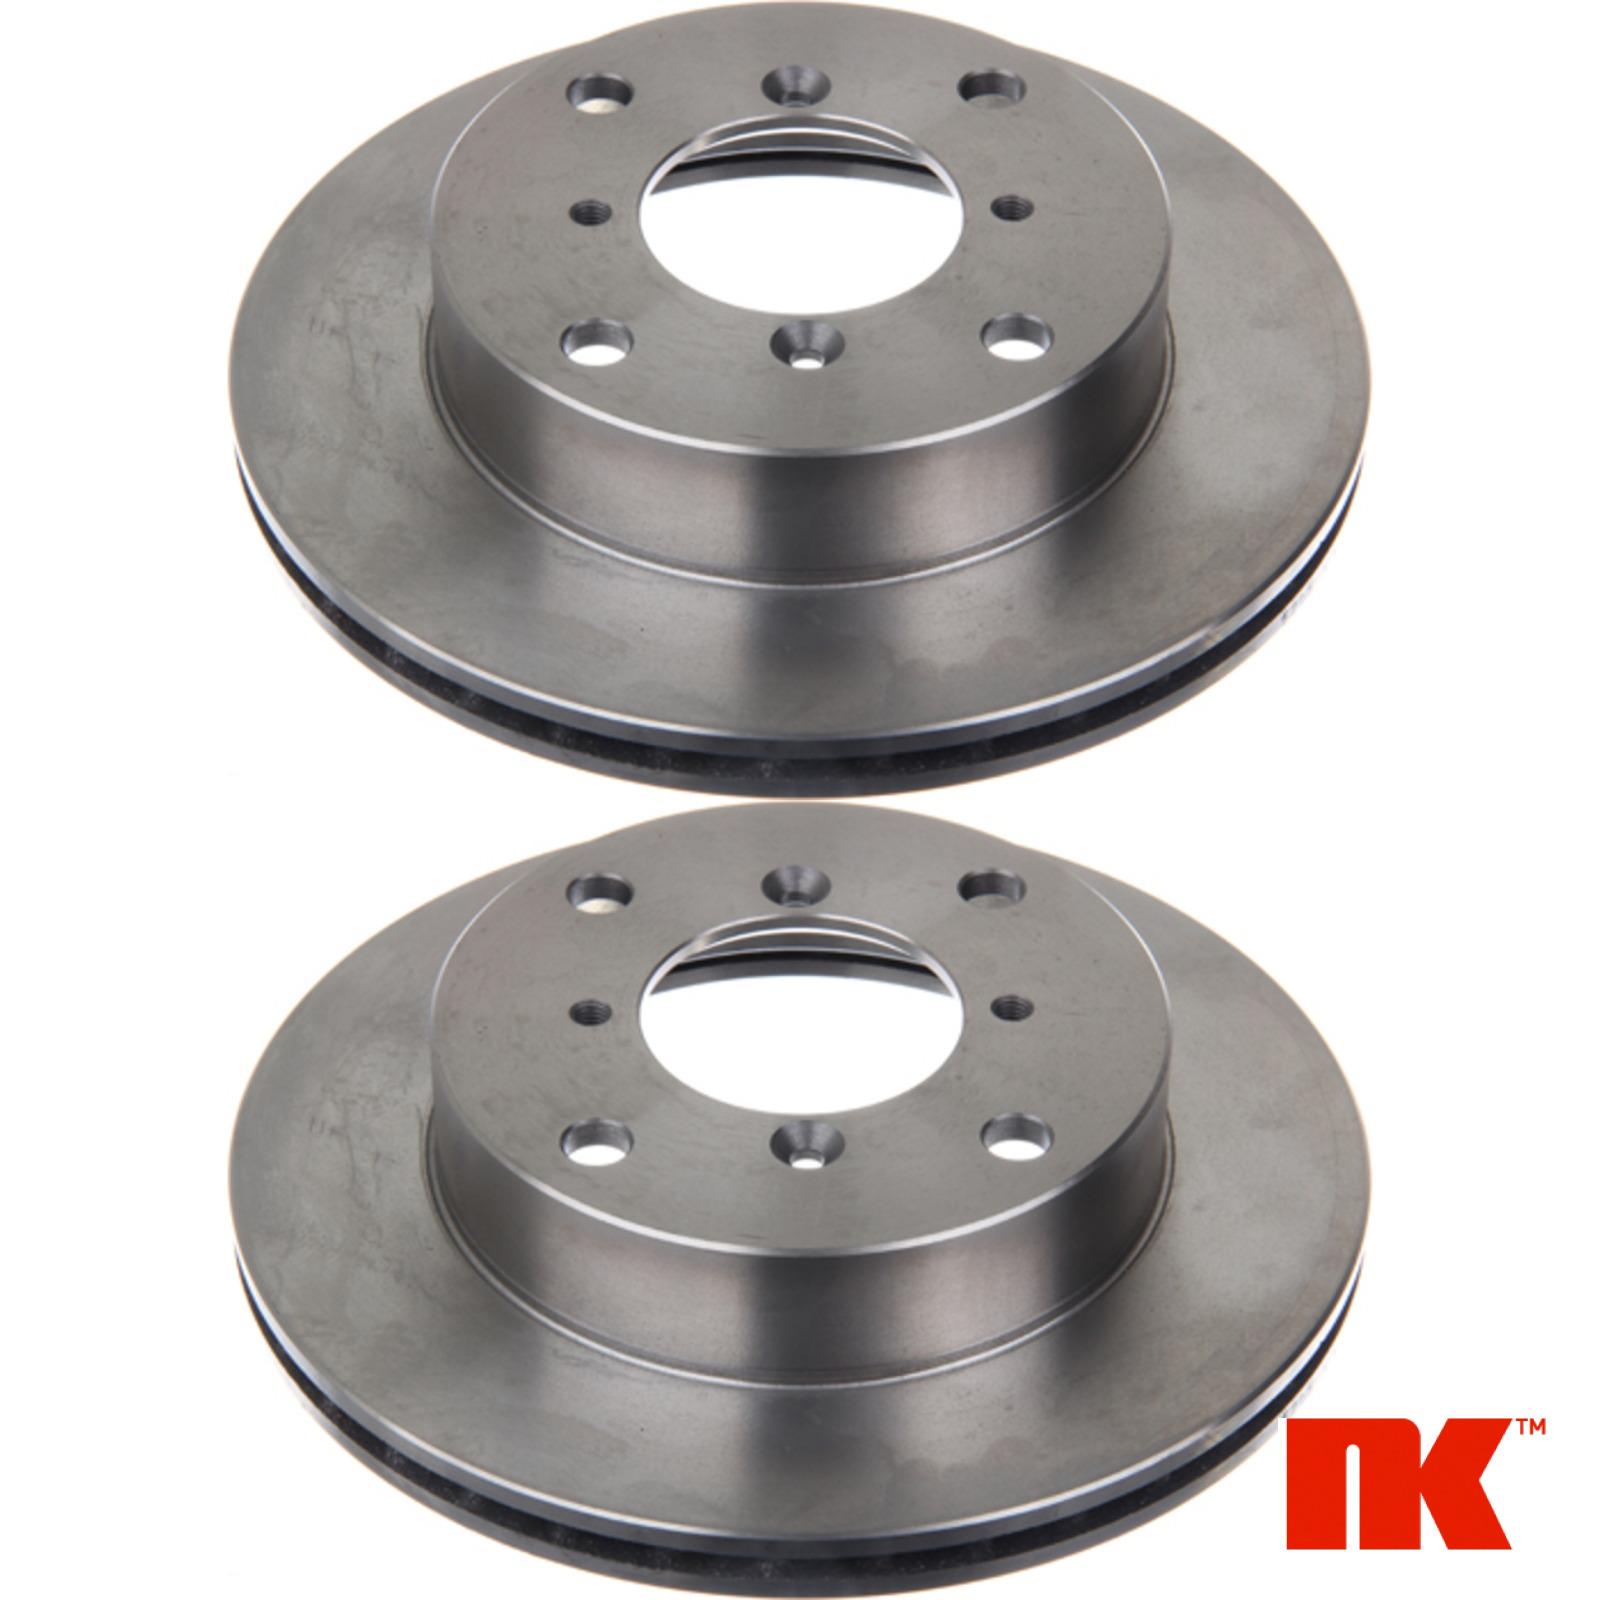 2x NK Bremsscheiben Vorn Vorderachse 205205